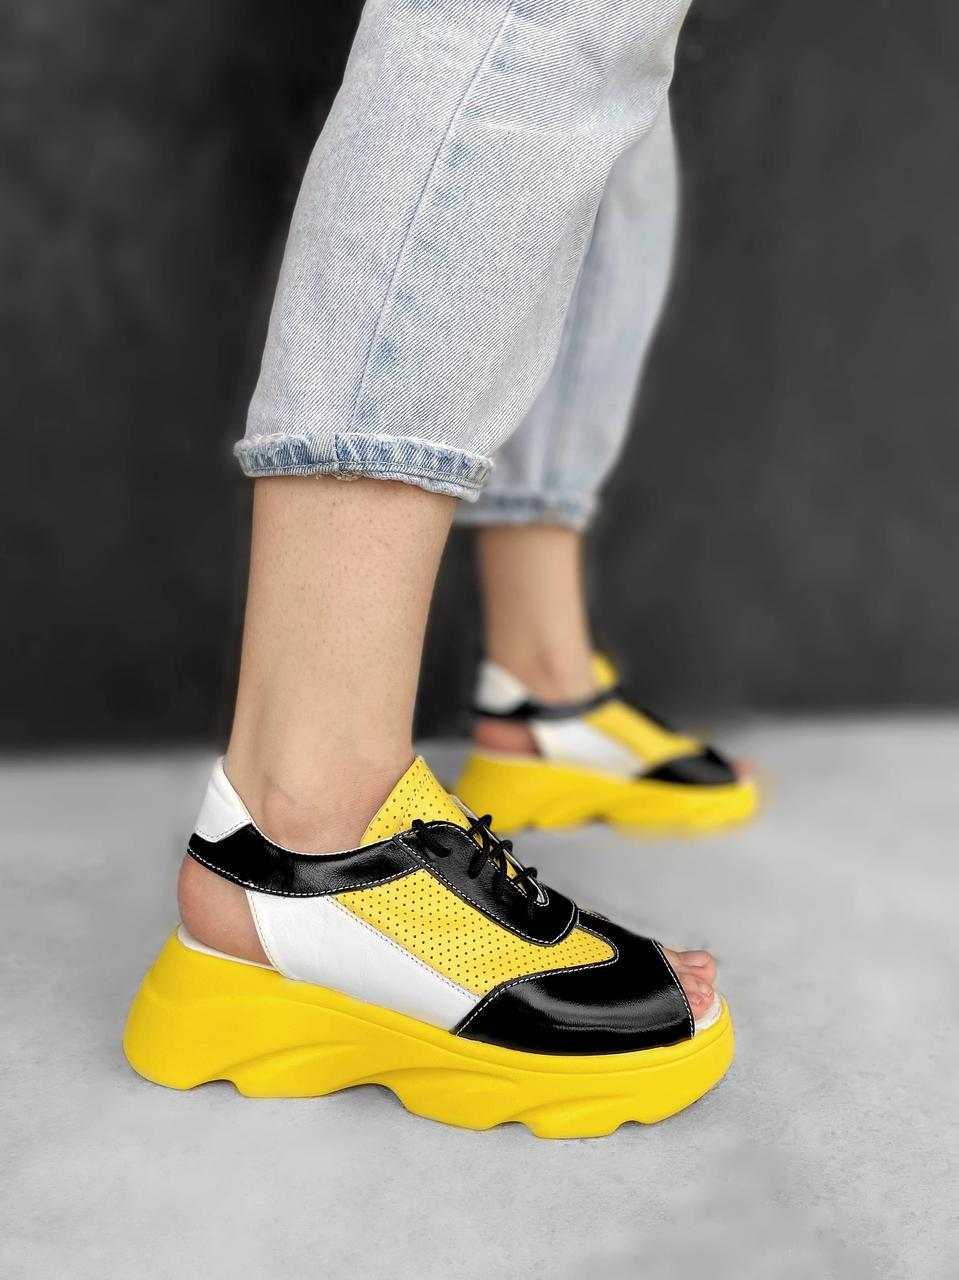 Босоножки кроссовки на шнуровке с открытым носком, кожаные босоножки желтые